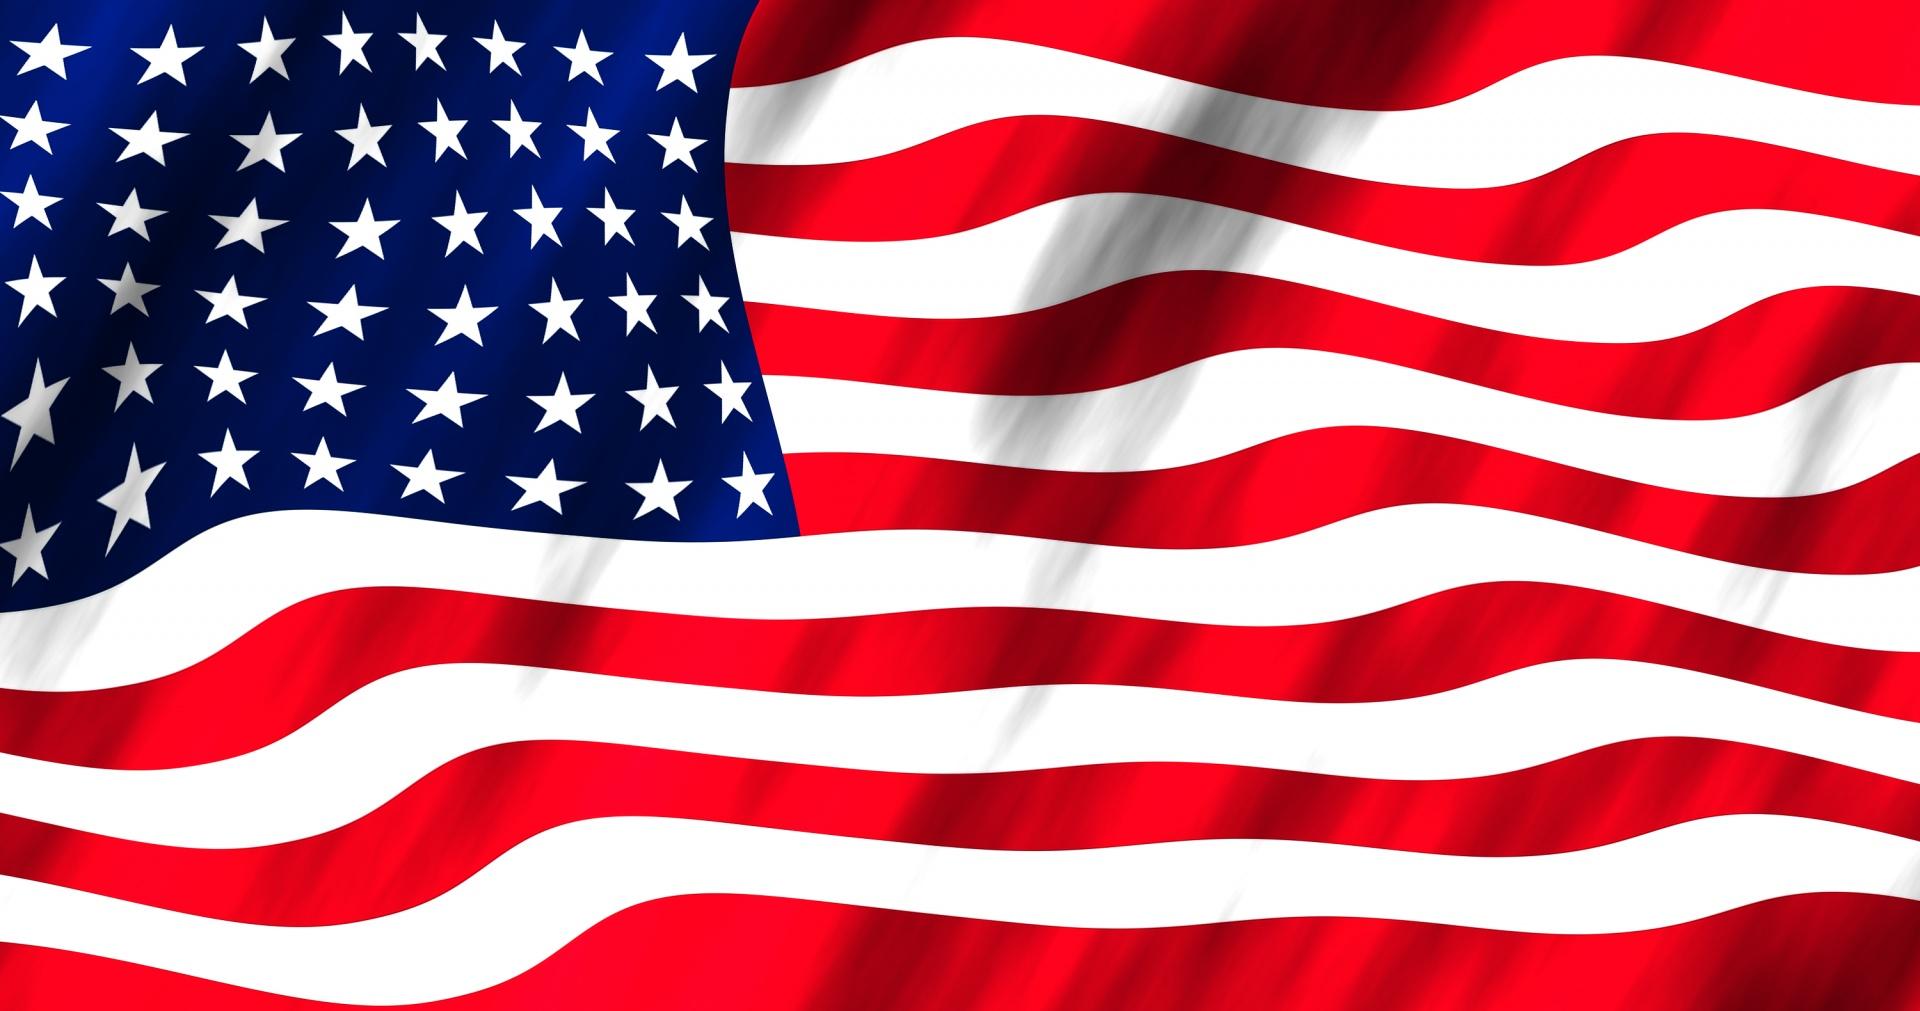 American Flag on Sewer Repair